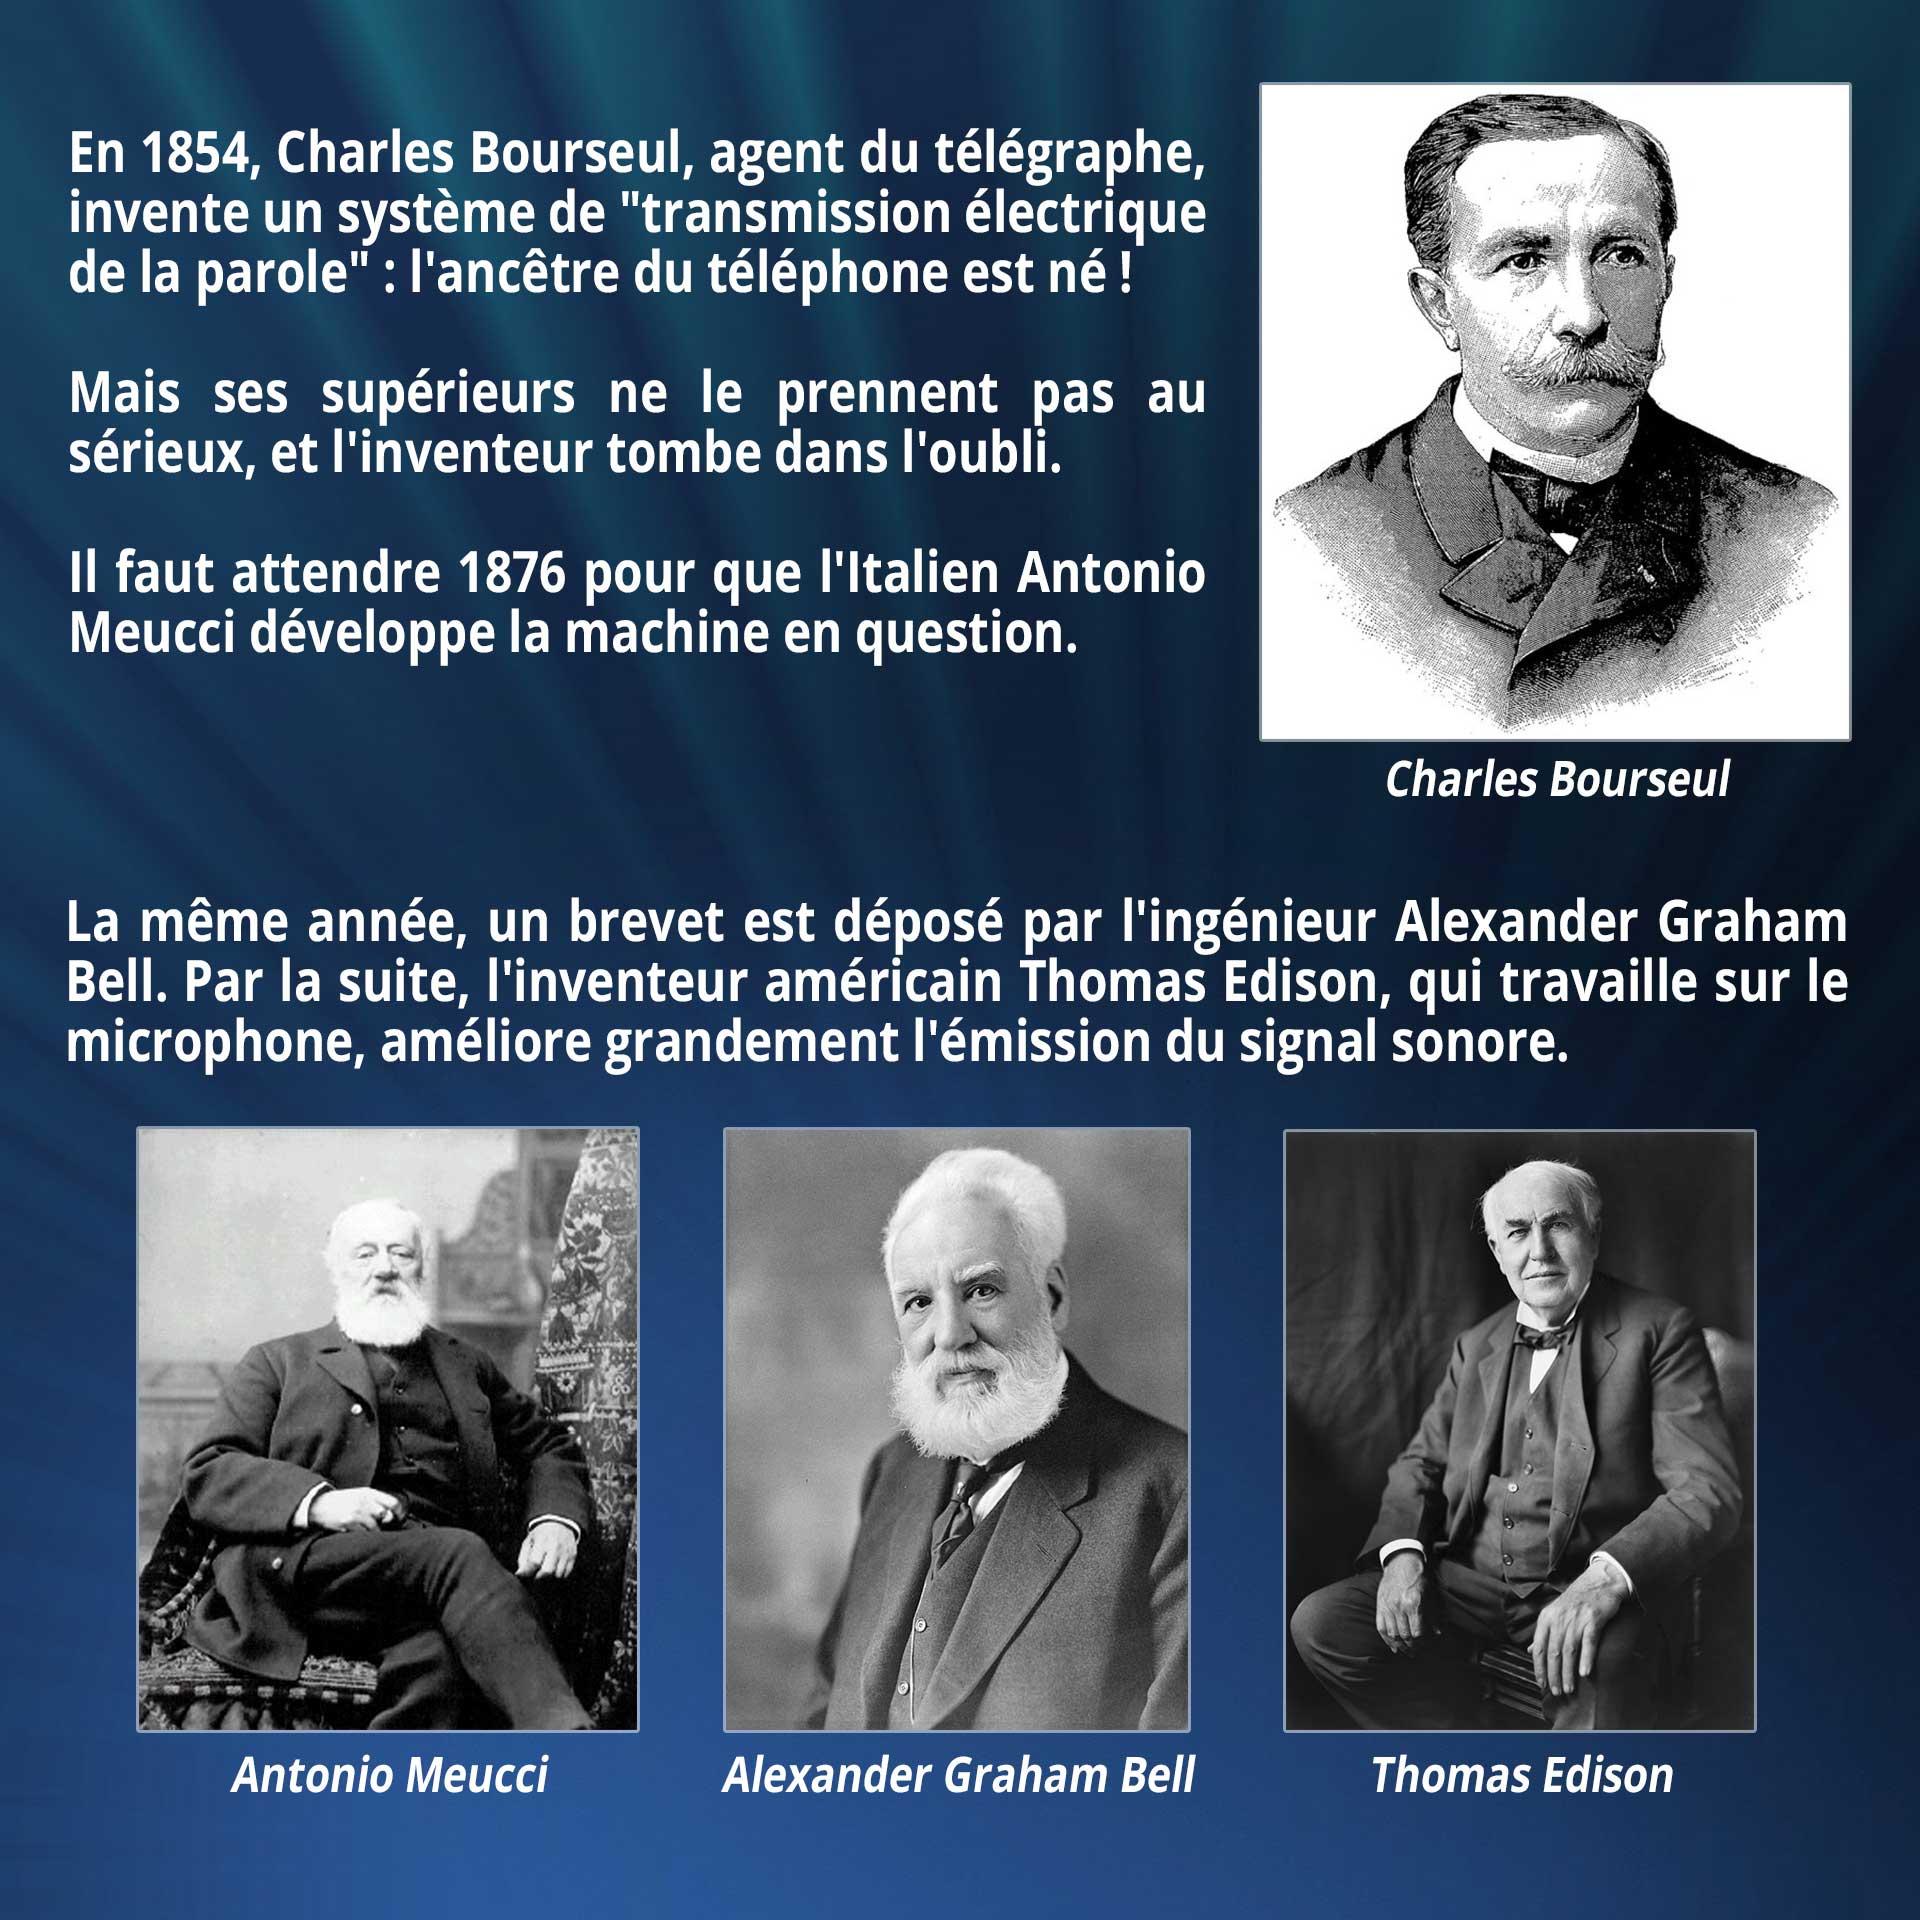 En 1854, Charles Bourseul, agent du télégraphe, invente un système de